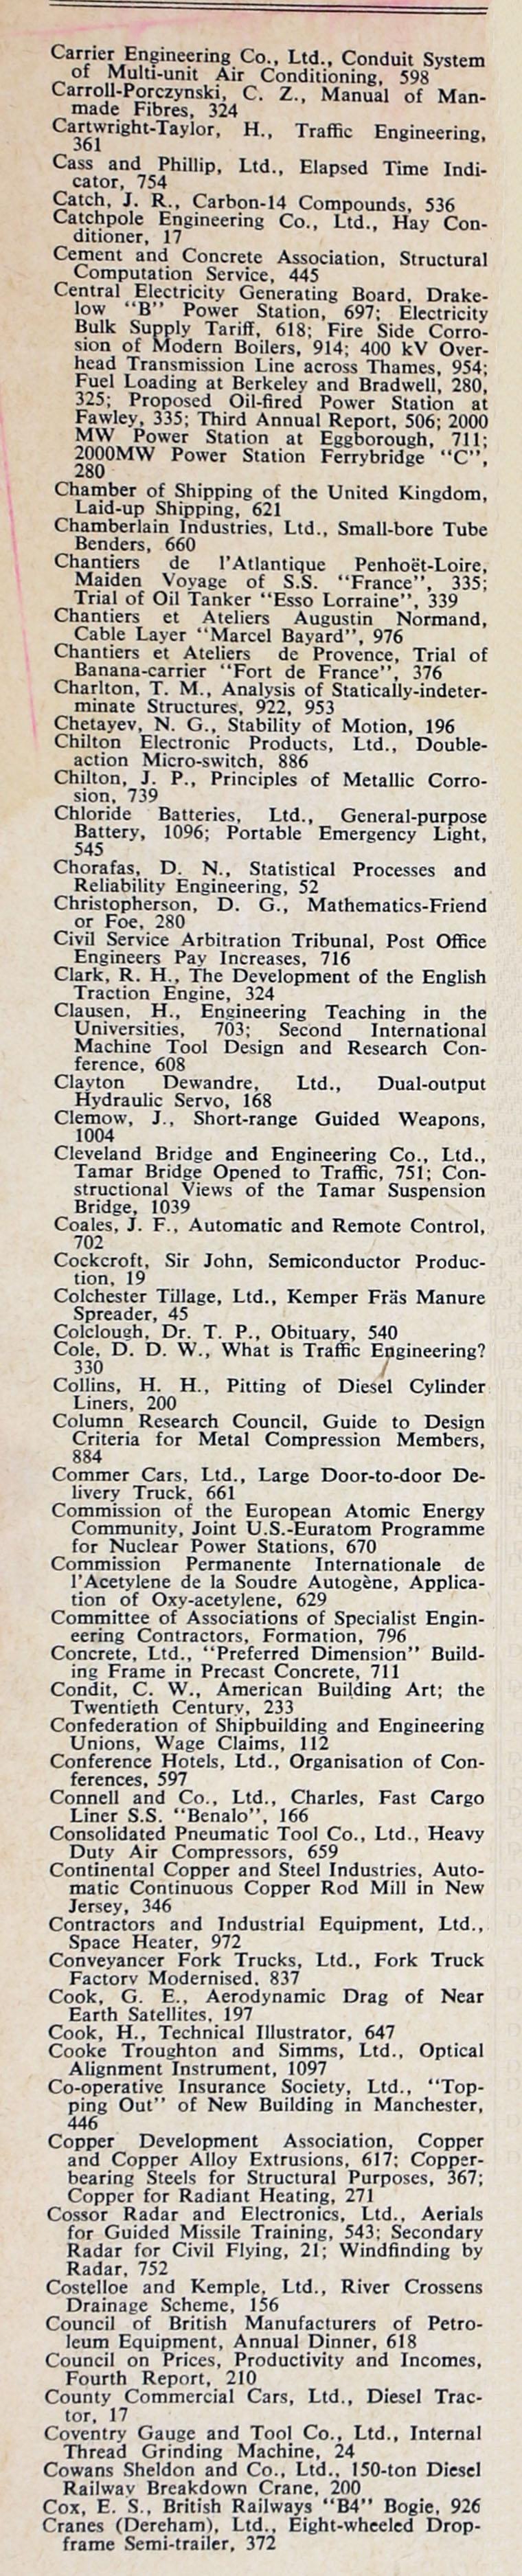 The Engineer 1961 Jul-Dec: Index